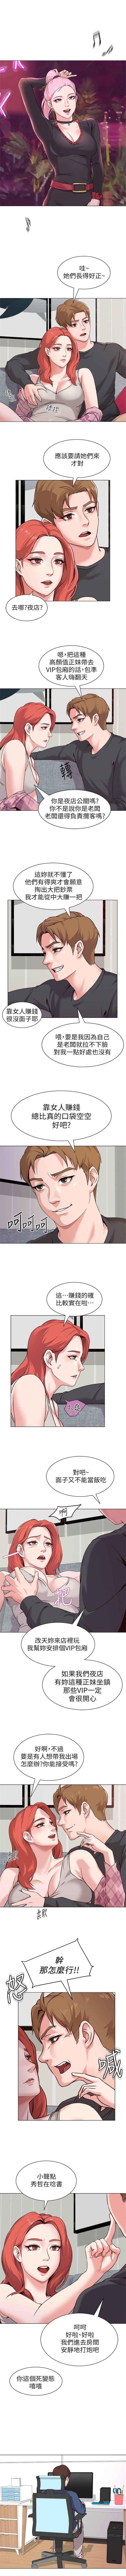 (周3)老师 1-56 中文翻译(更新中) 21